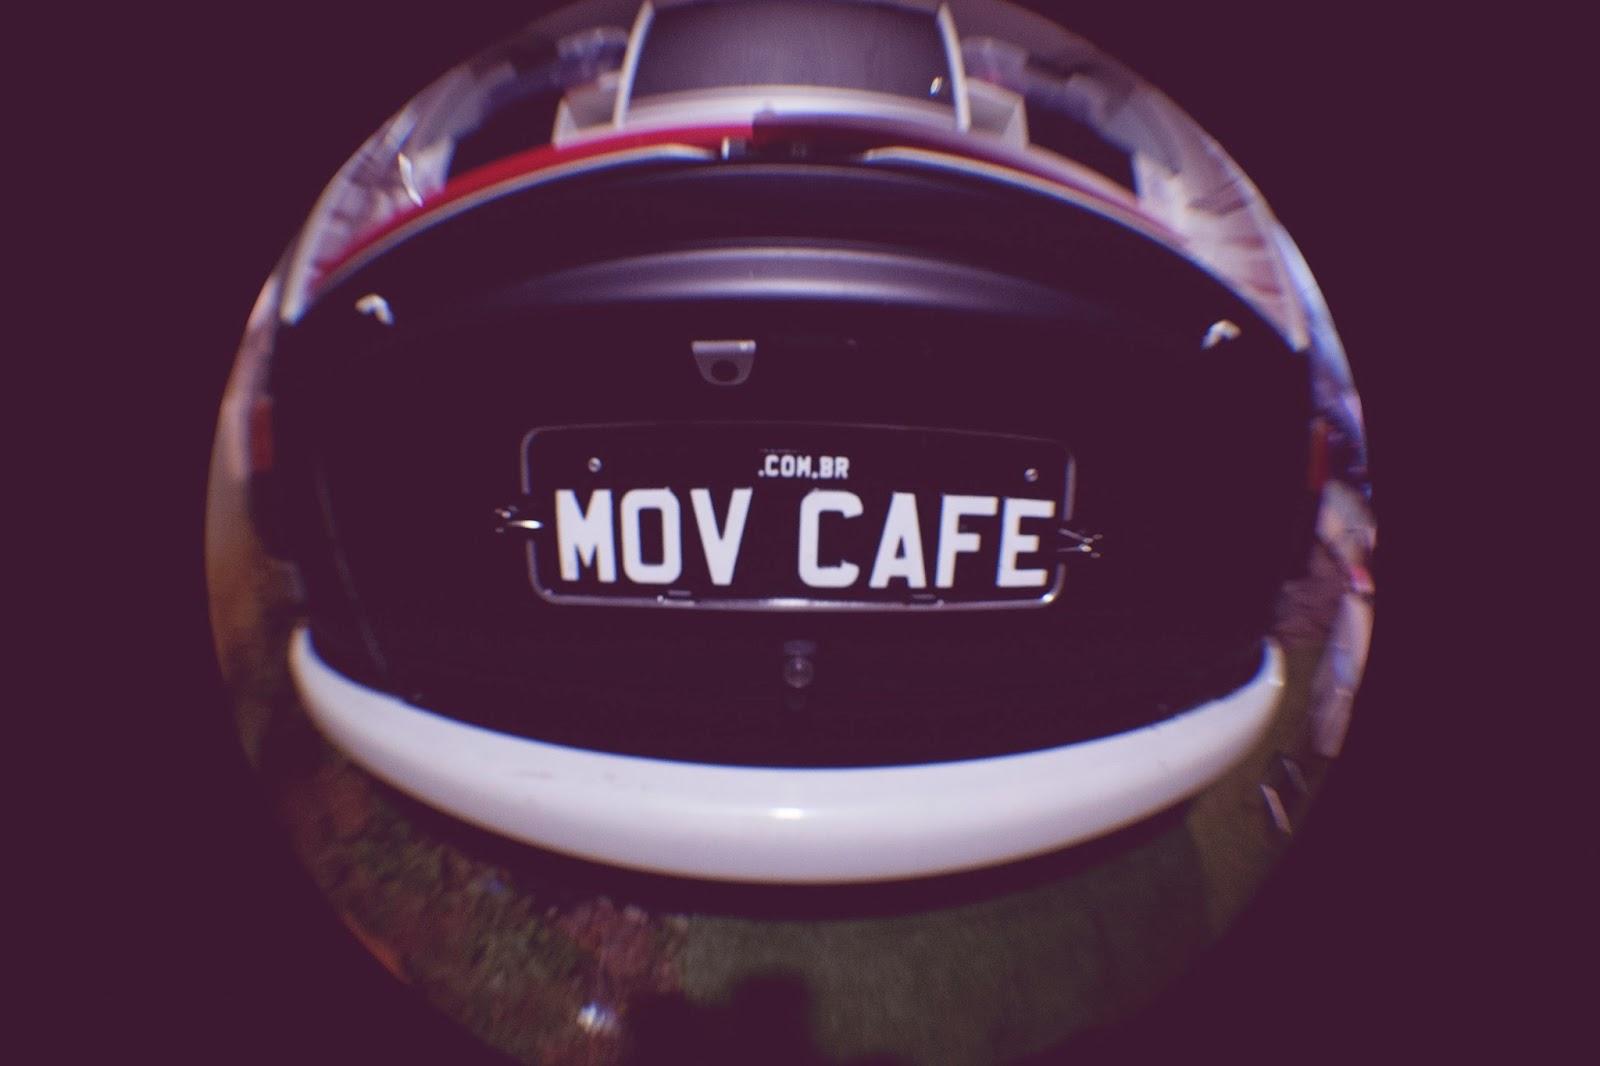 mov café bc